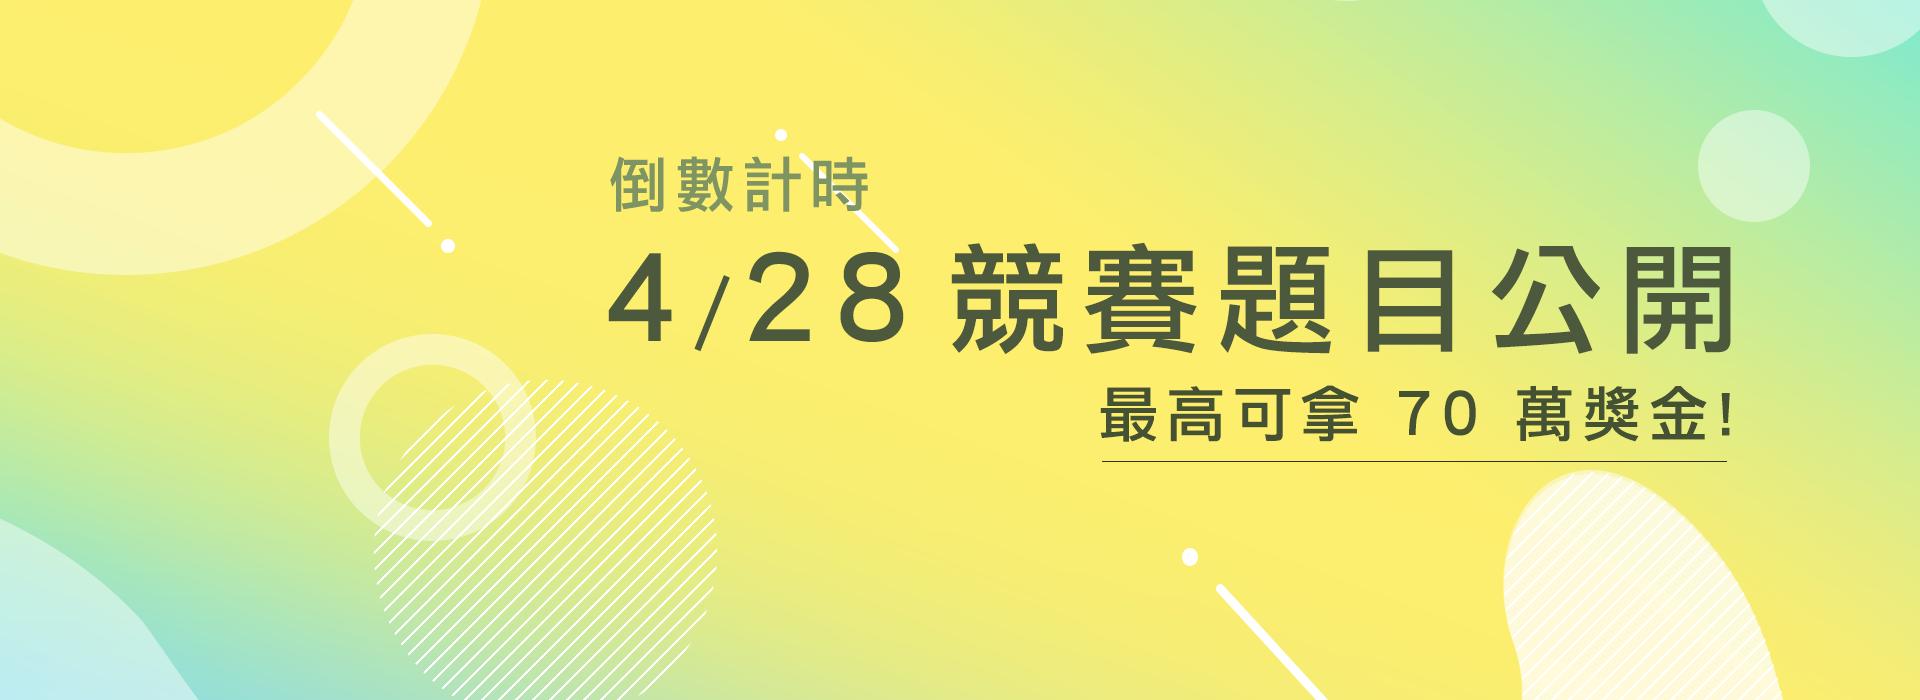 4/28 競賽題目公開